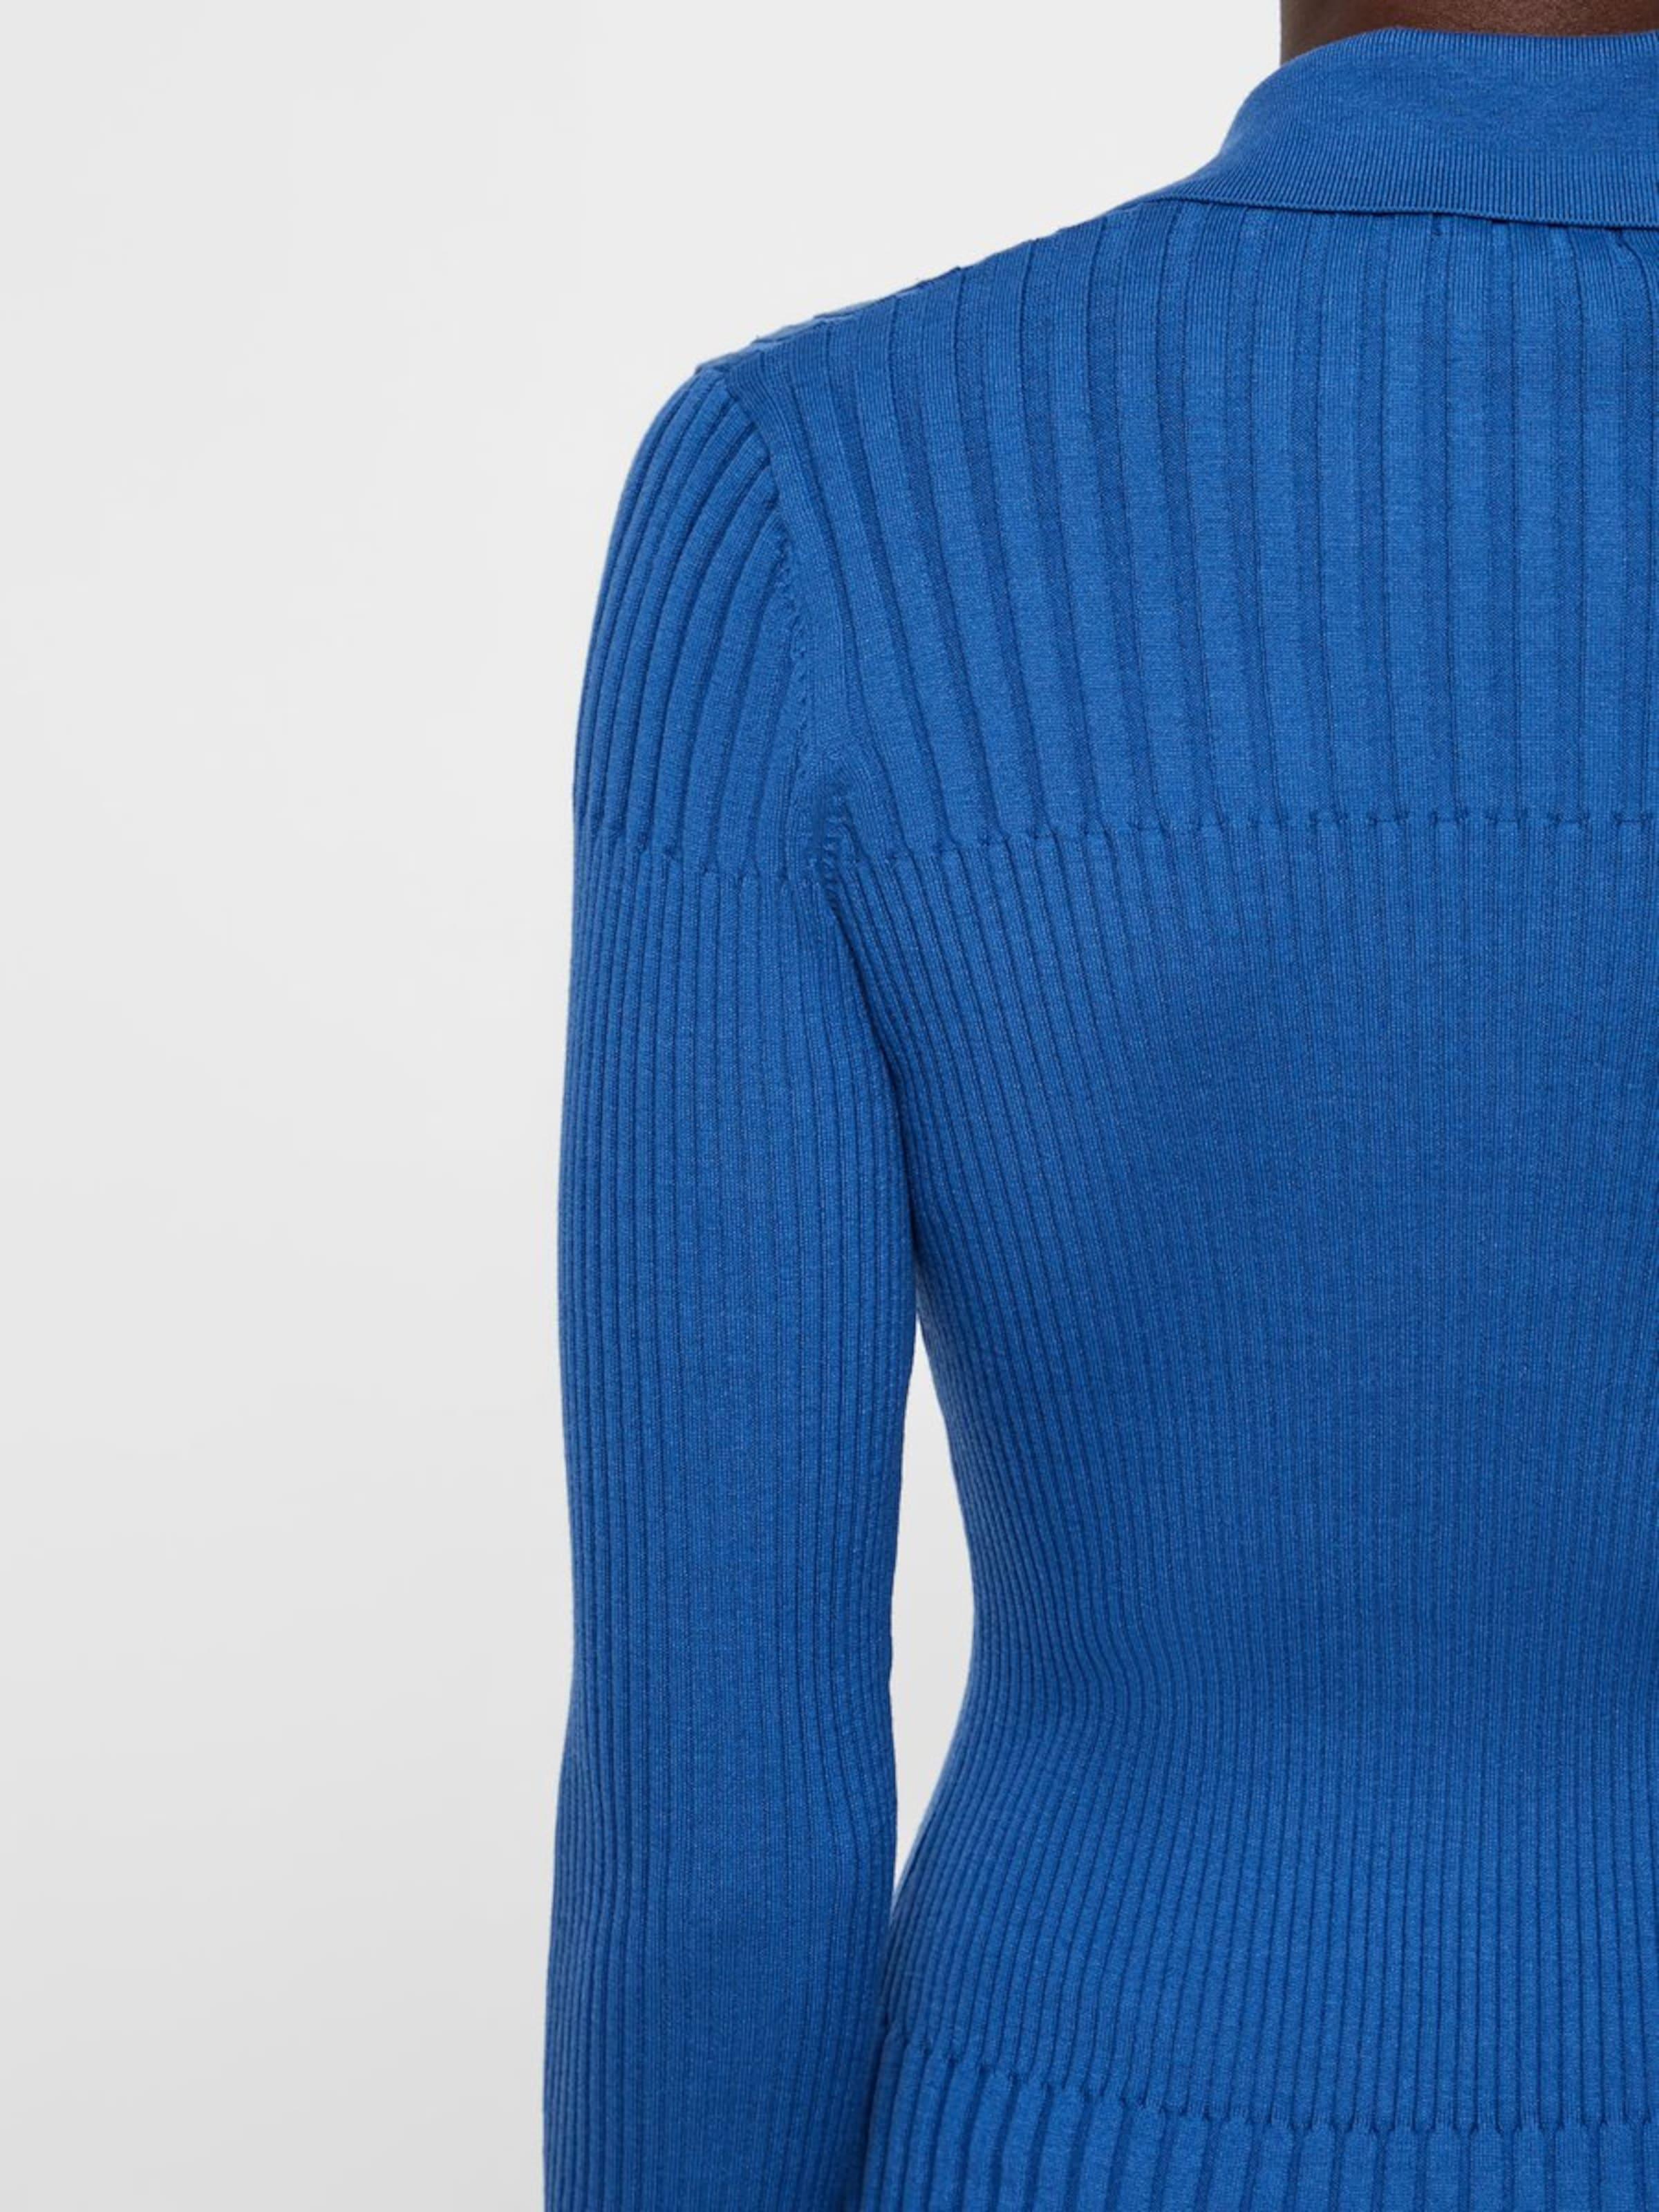 Bleu En 'blanche' Marine Robes Maille J lindeberg UzVpSMq